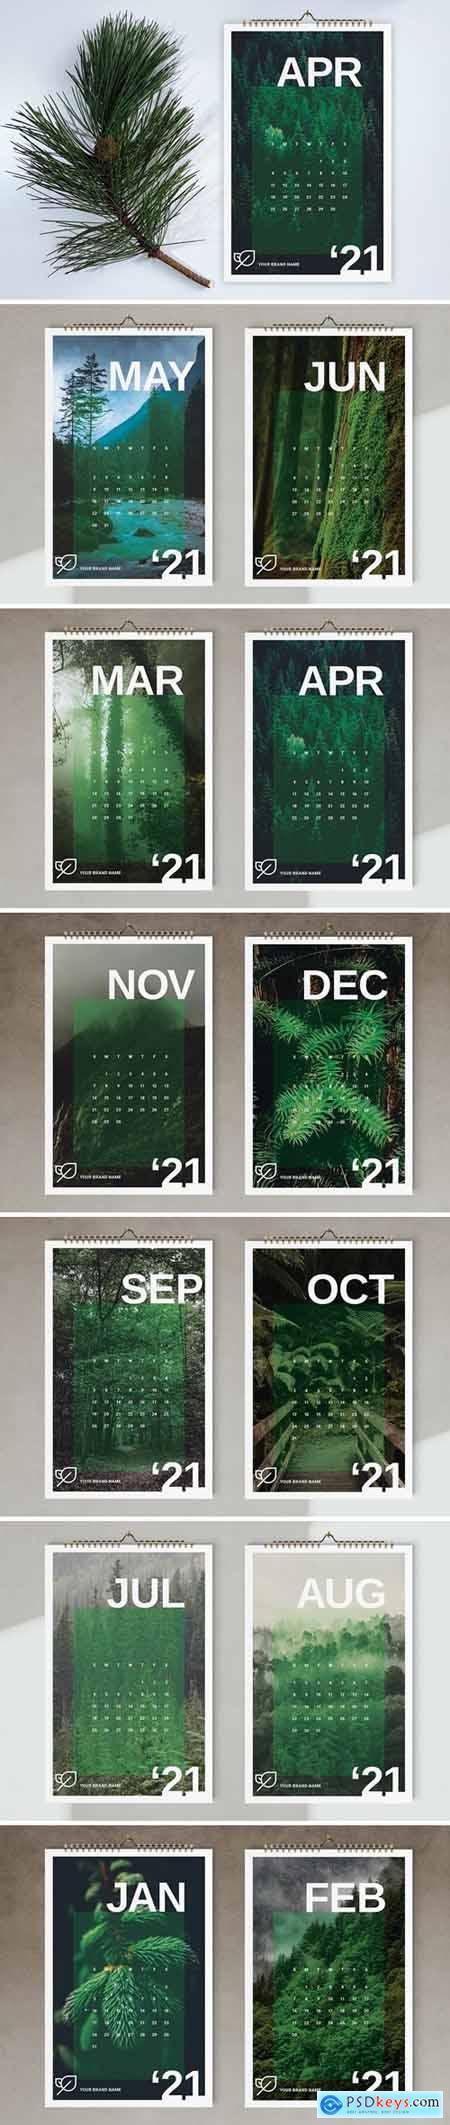 Wall Calendar 2021 Template 5667403